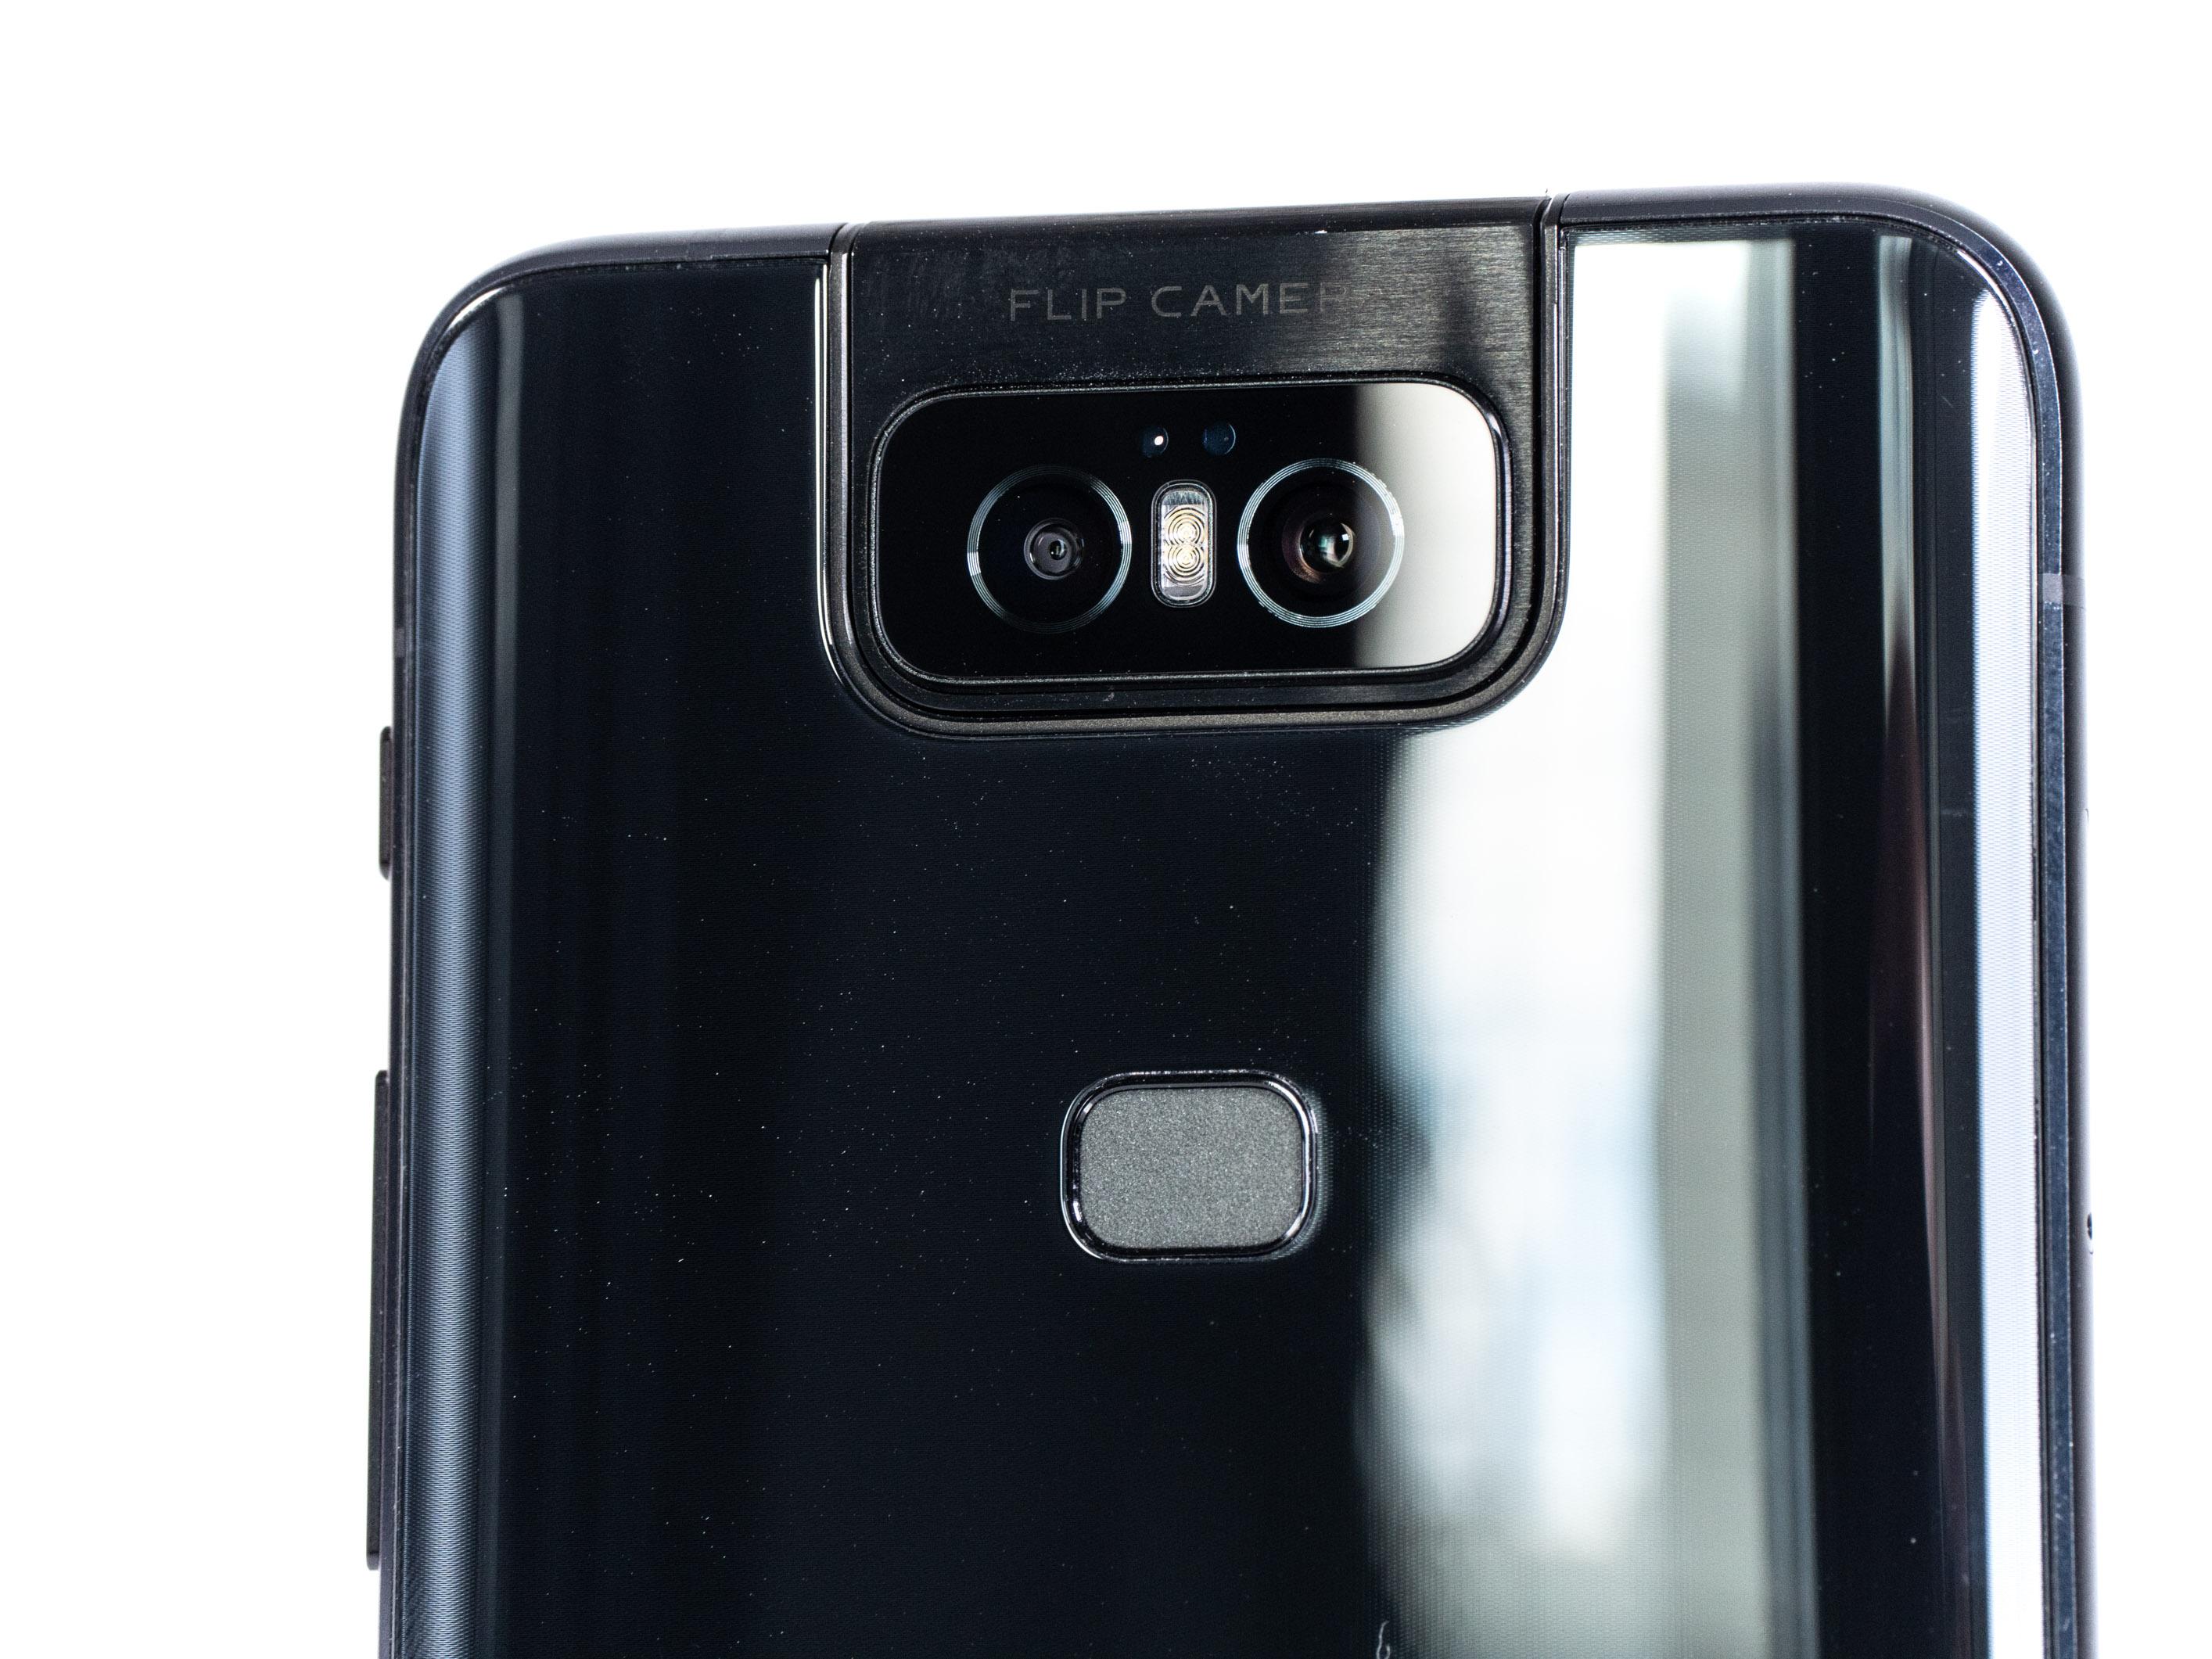 Zenfone 6 im Test: Asus' Ansage an die Smartphone-Konkurrenz - Die Kamera besteht aus zwei Objektiven: einem Weitwinkel- und einem Superweitwinkelobjektiv. (Bild: Martin Wolf/Golem.de)